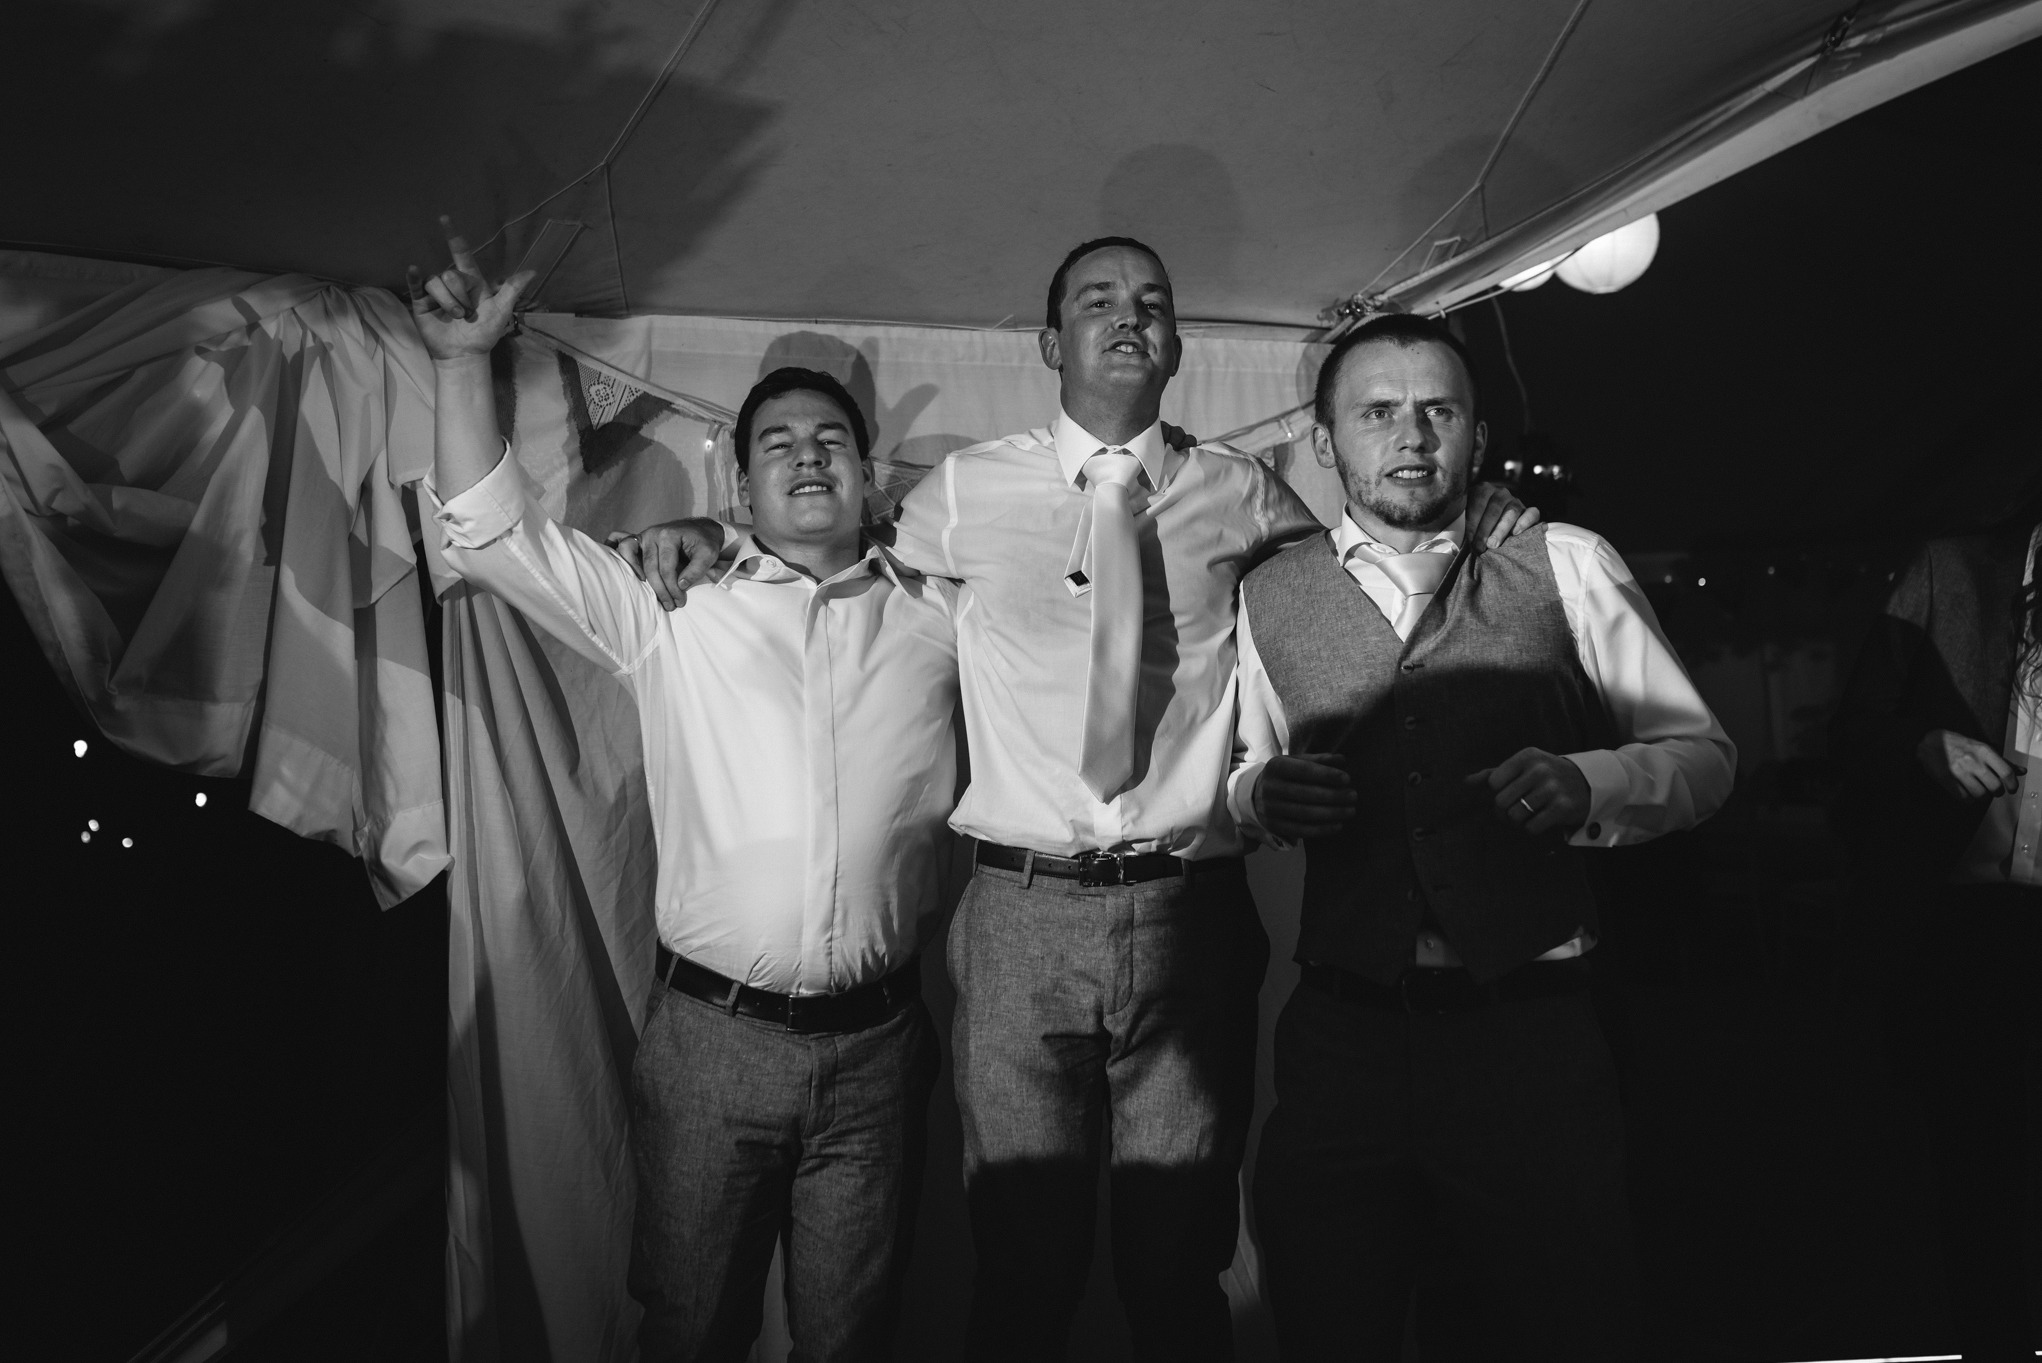 Copy of Groom & Best Men Dancing